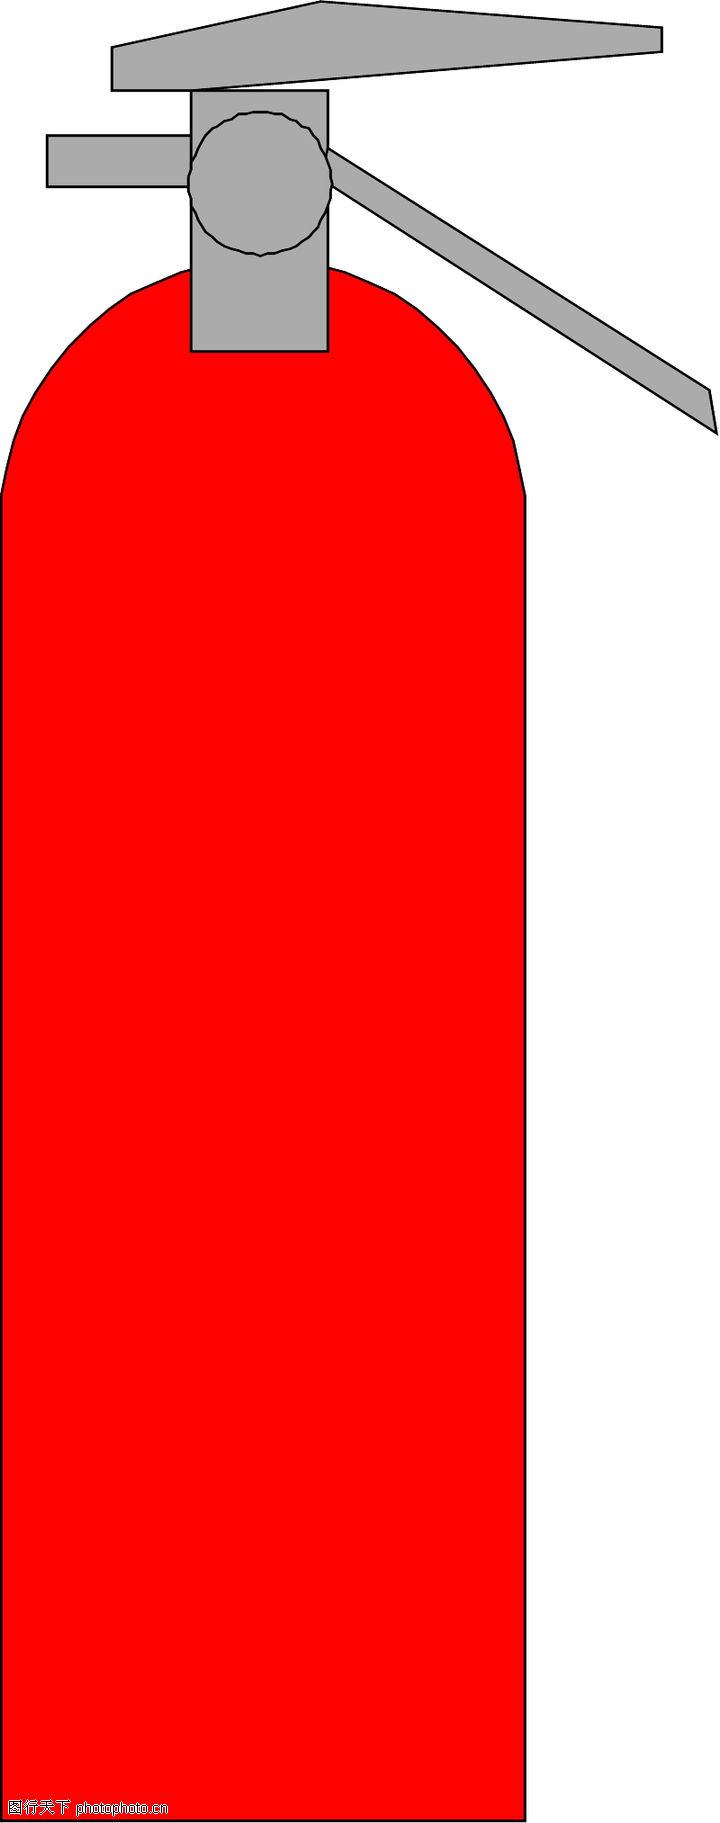 消防图例图纸图纸管道求符号v图例别墅图片